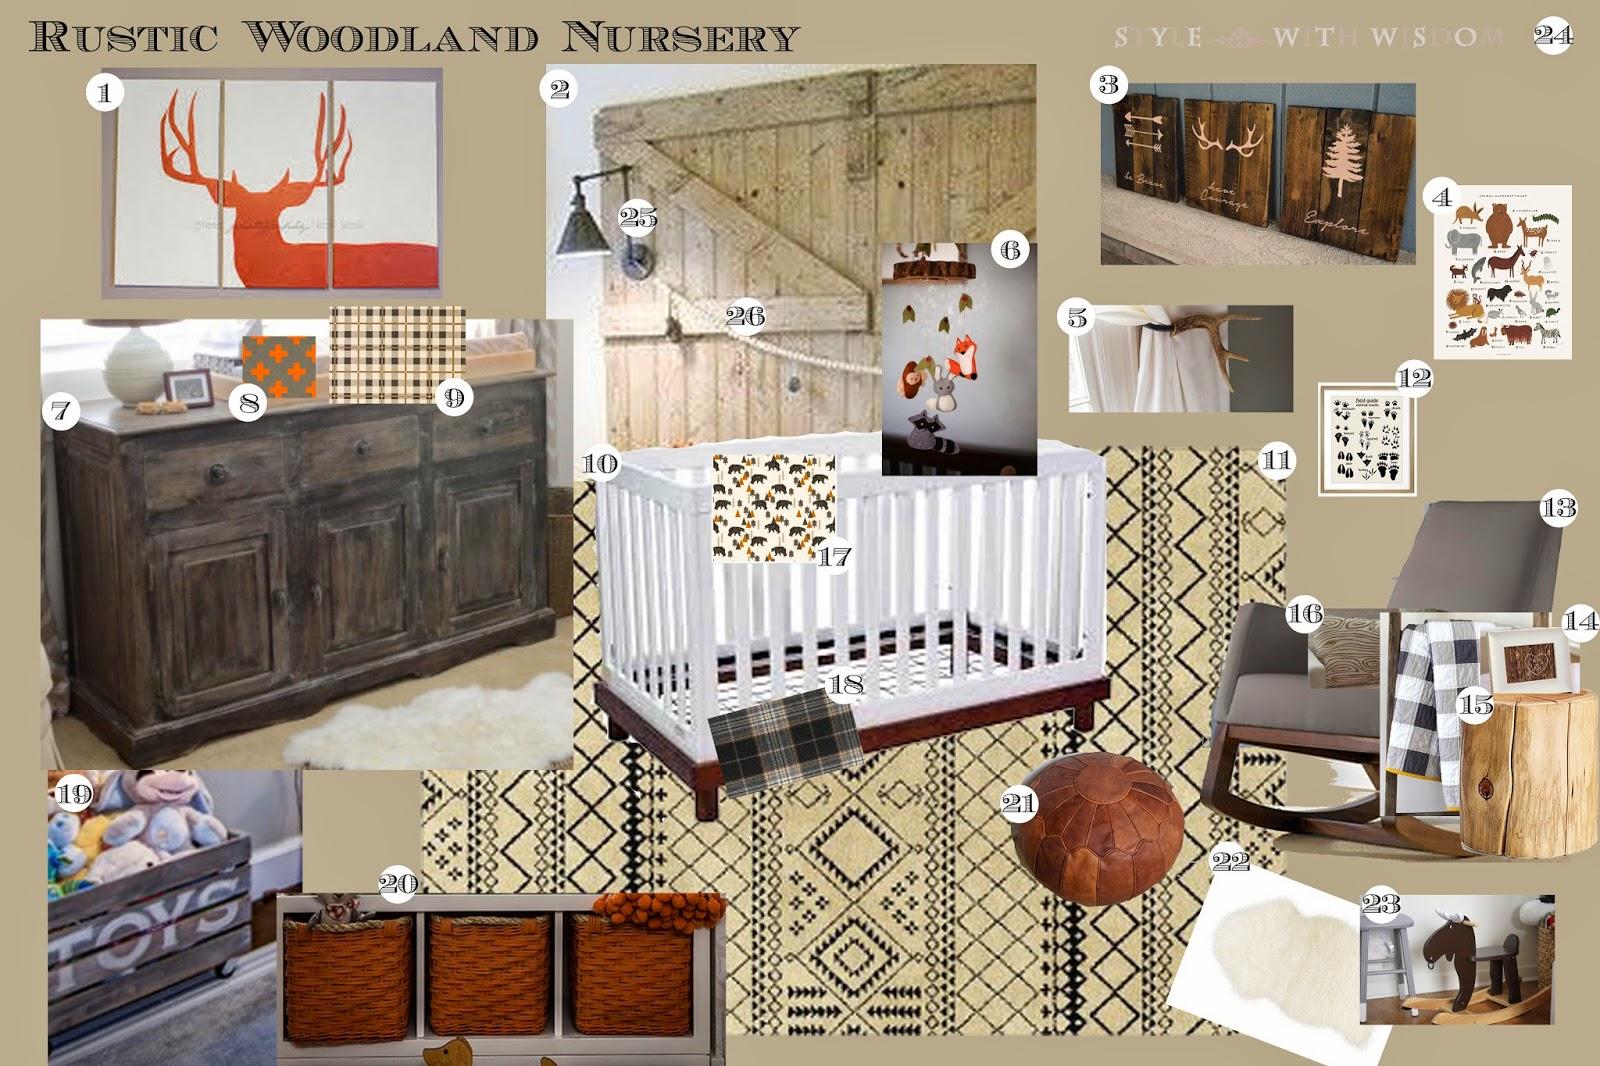 Rustic woodland nursery